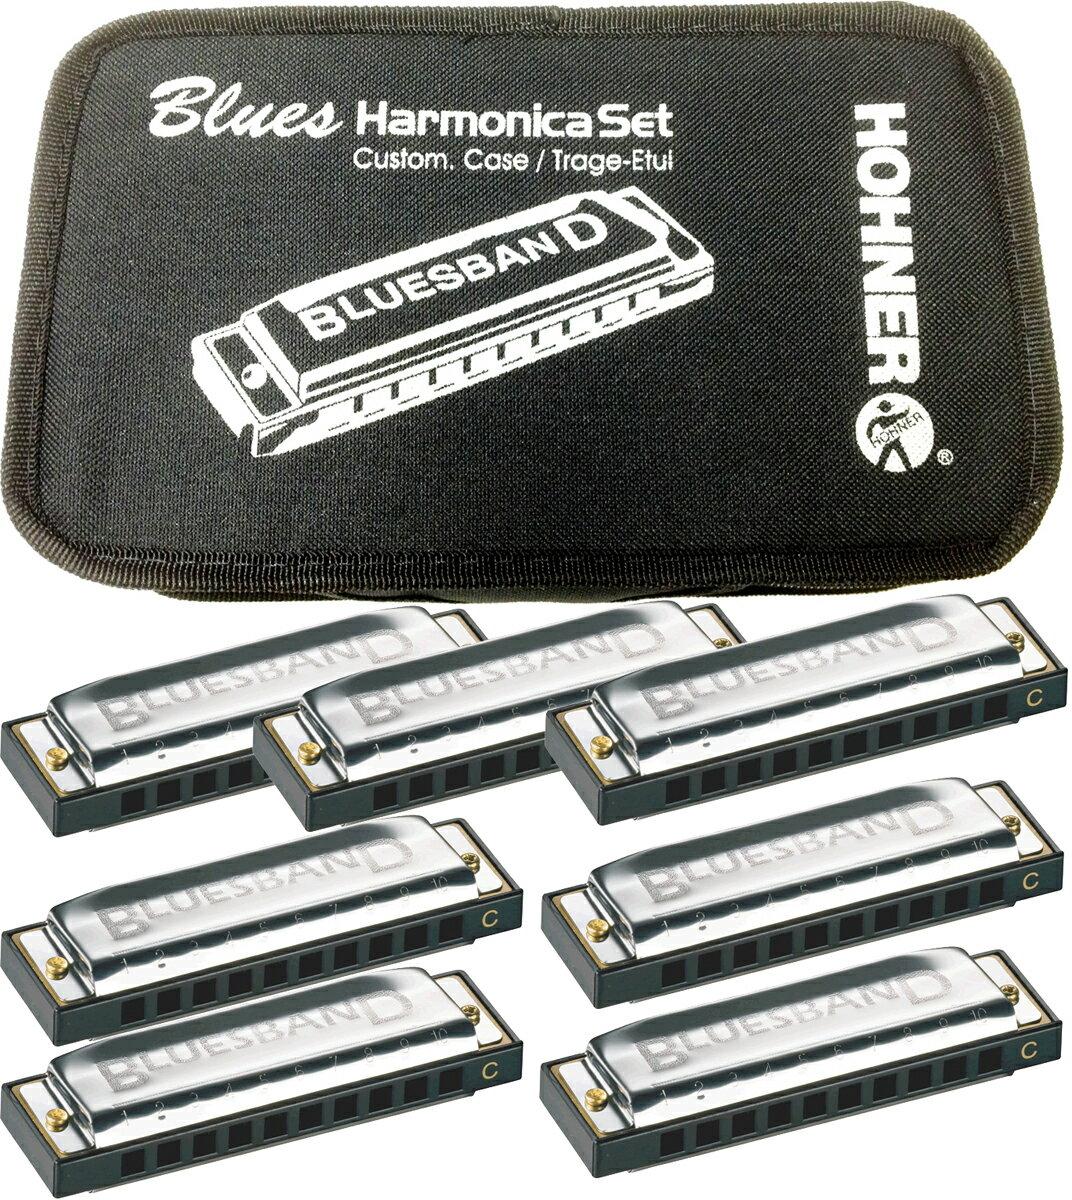 ブルースハーモニカ 7本 セット ホーナー ブルースハープ型 10穴 ハーモニカ ブルースバンド C調 他 G, A, Bb, D, E, F HARP ケース 付き 初心者 弾き語り おすすめ ダイアトニックハーモニカ テンホールズ HOHNER BLUES BAND SET Harmonica